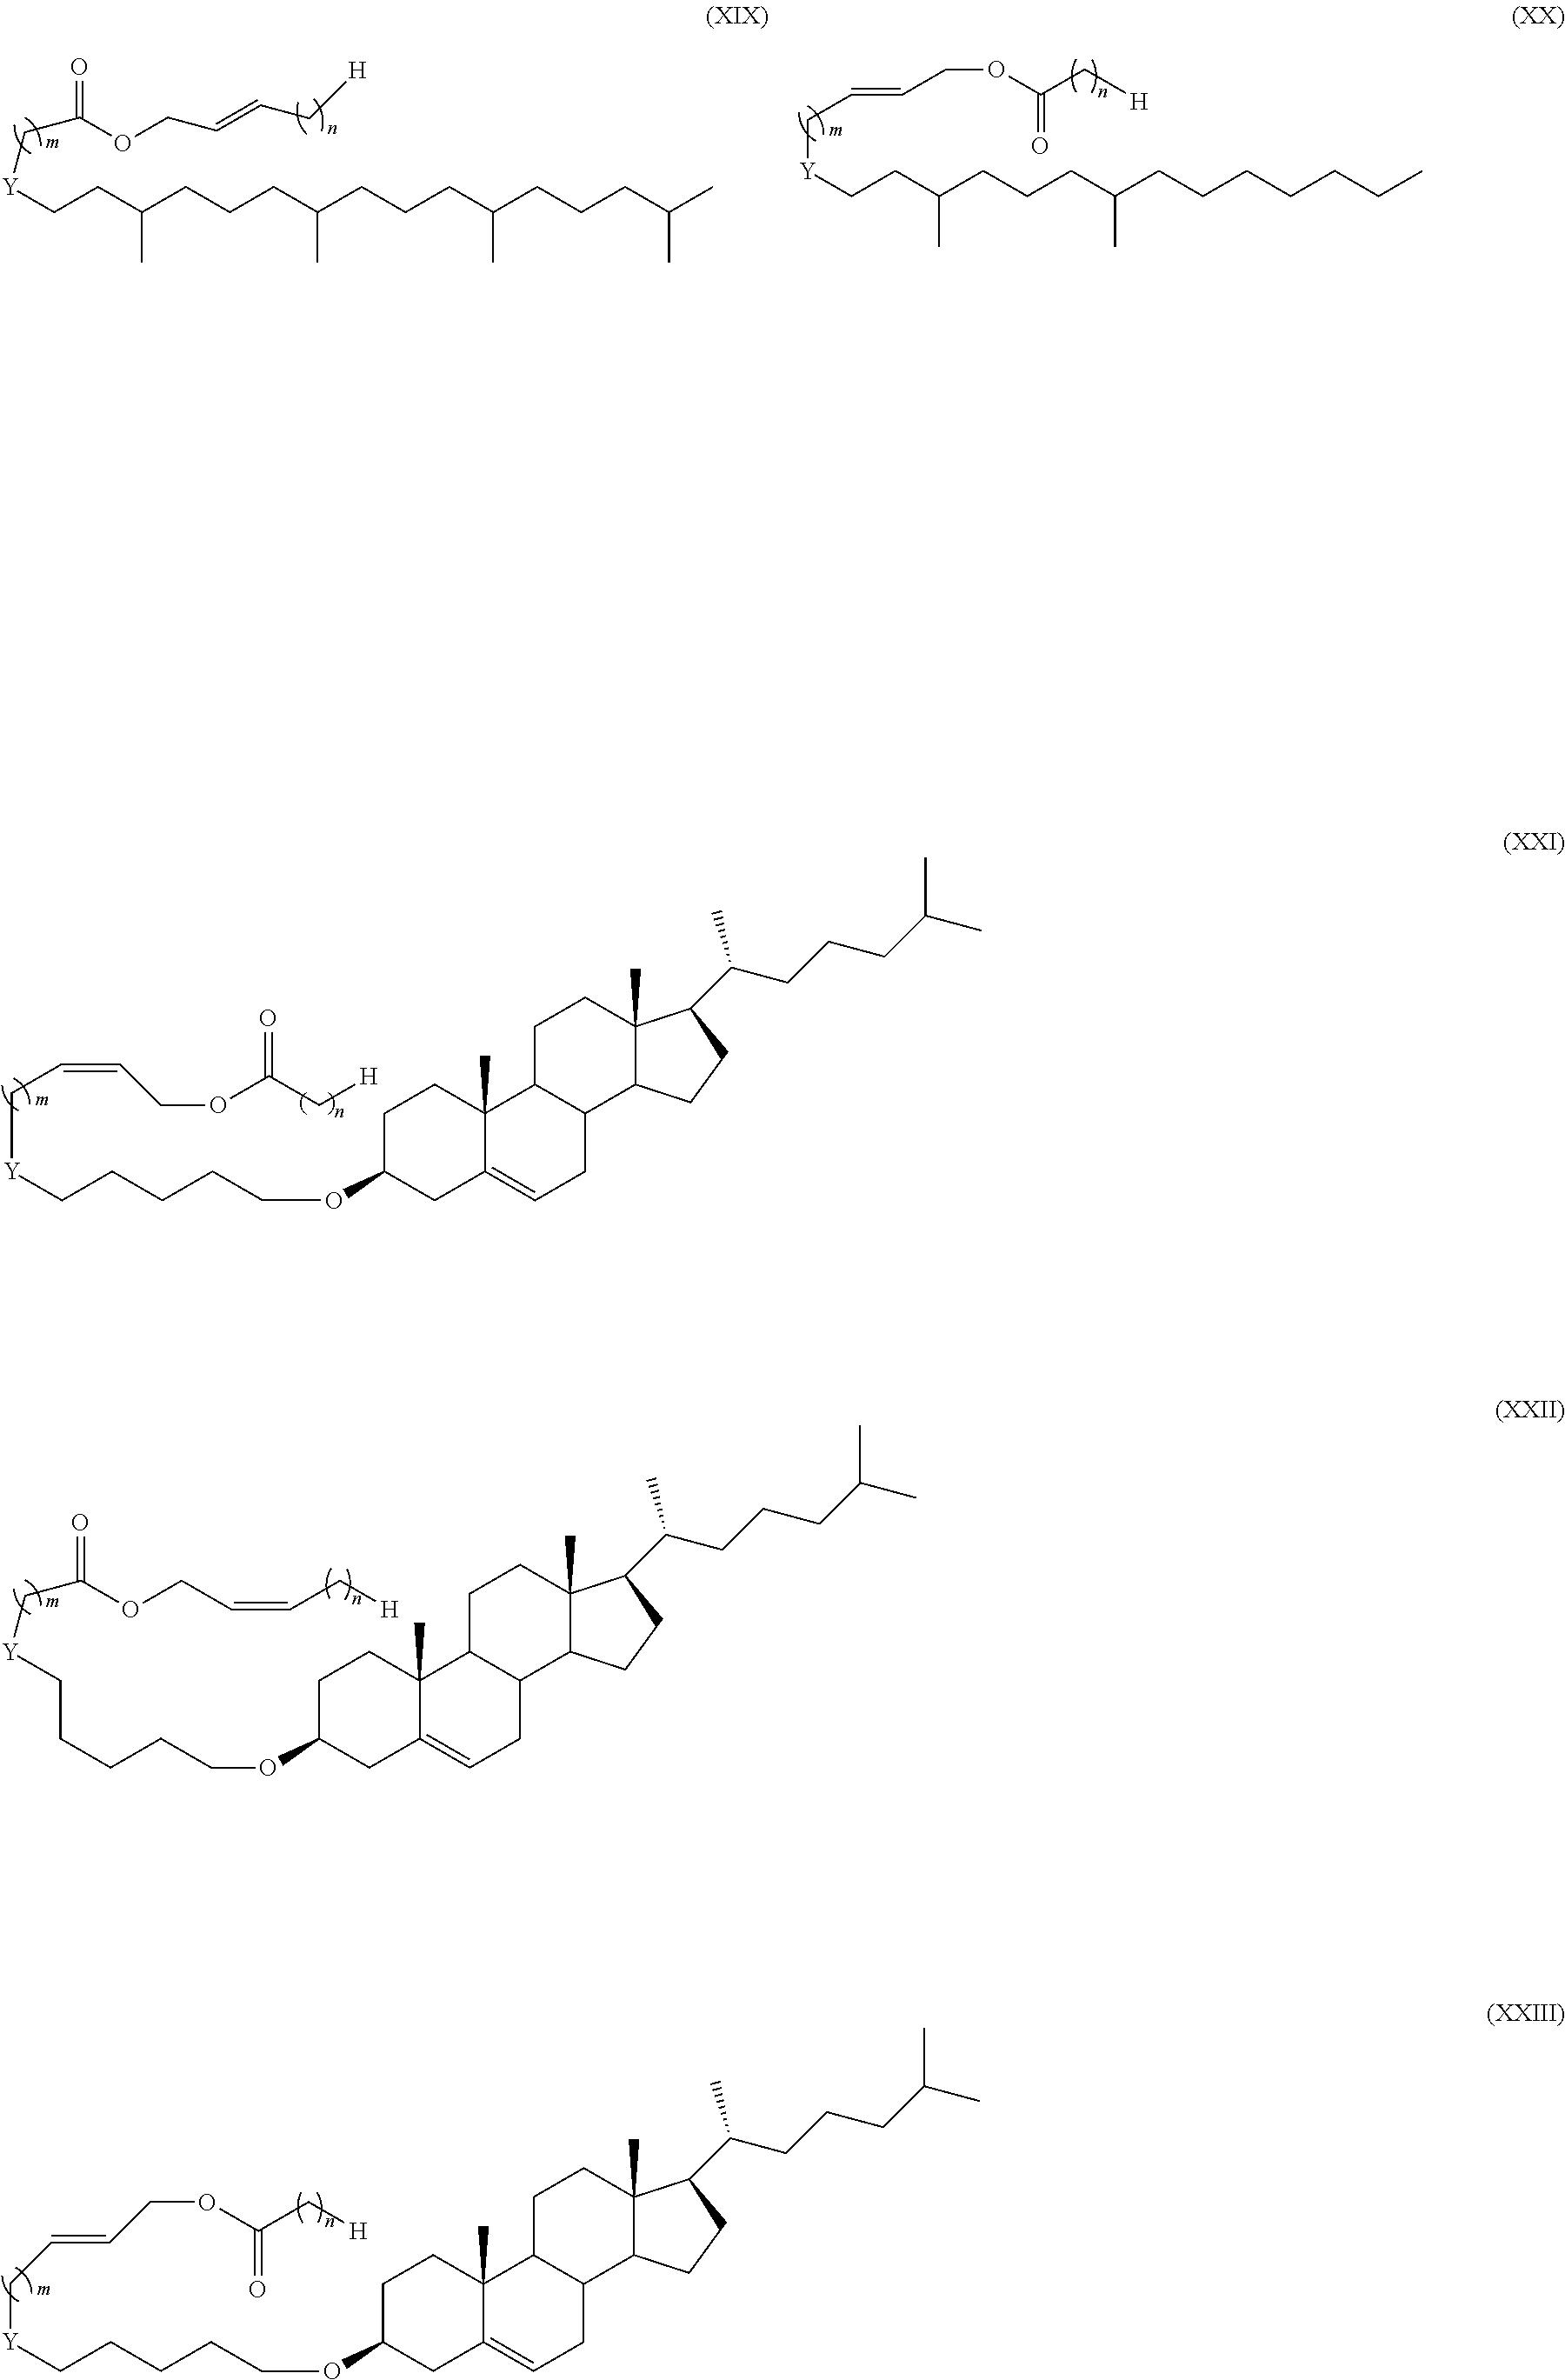 Figure US20140308304A1-20141016-C00022